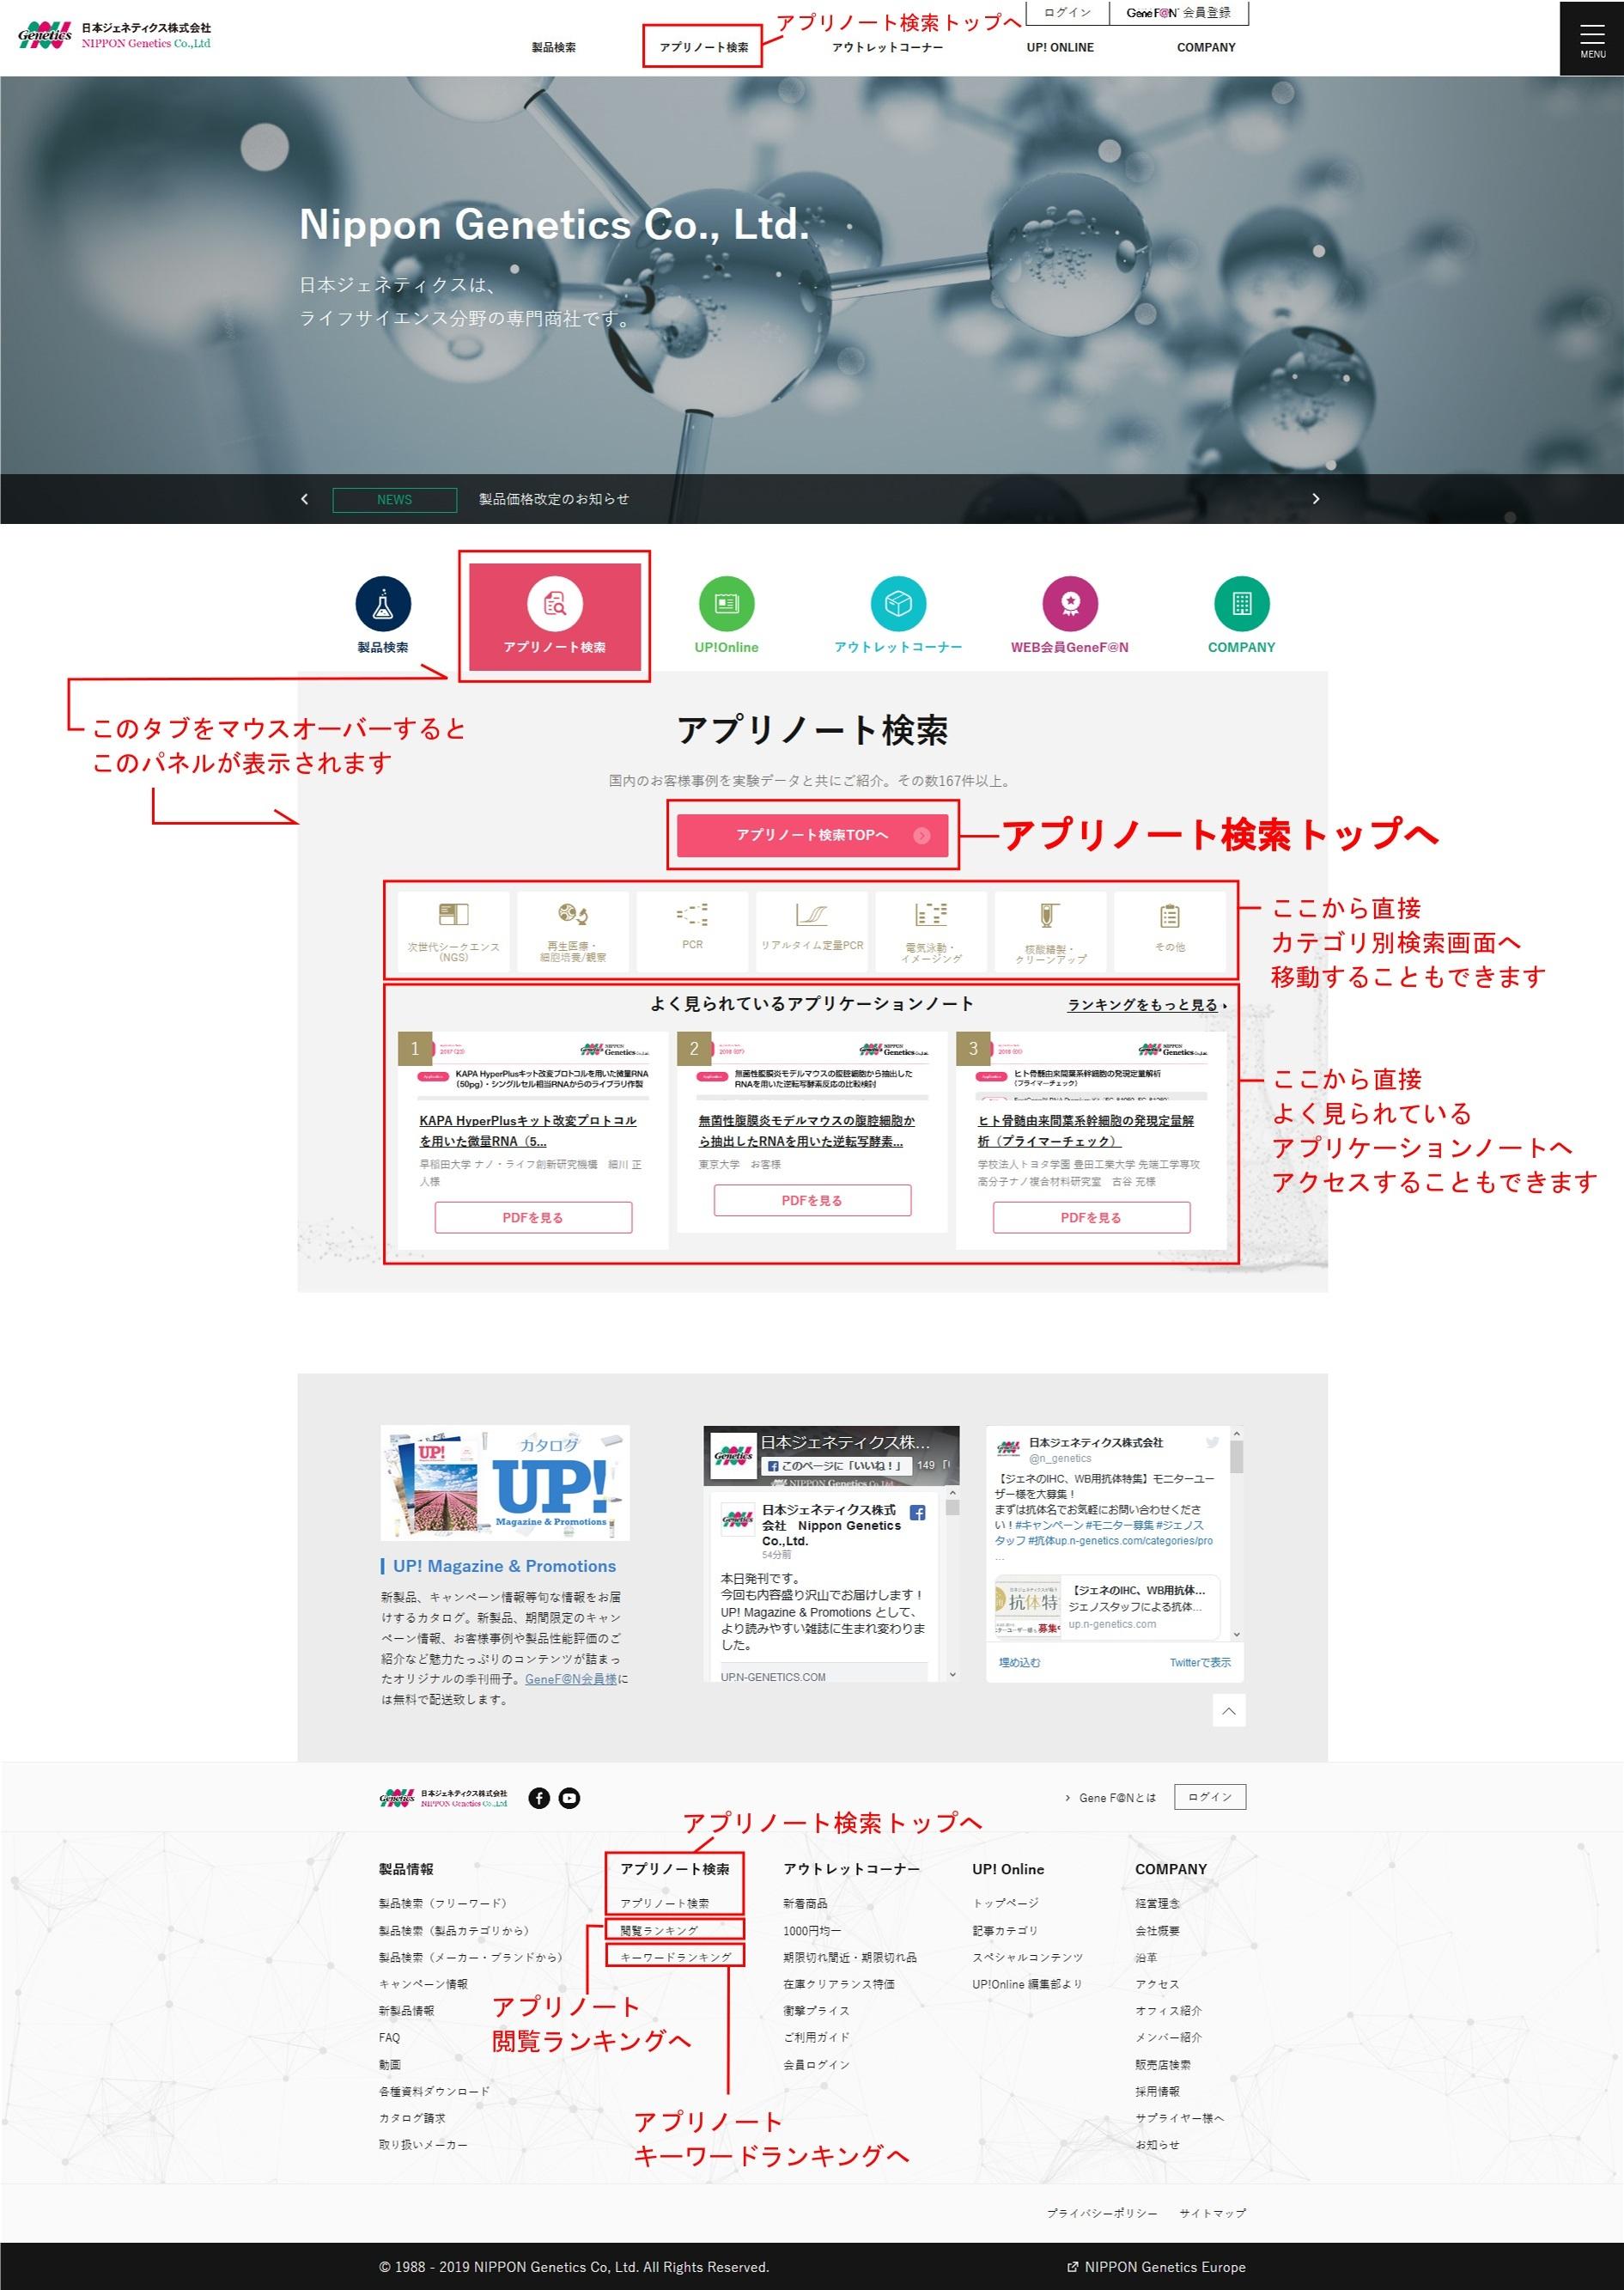 日本ジェネティクスホームページ・トップ画面